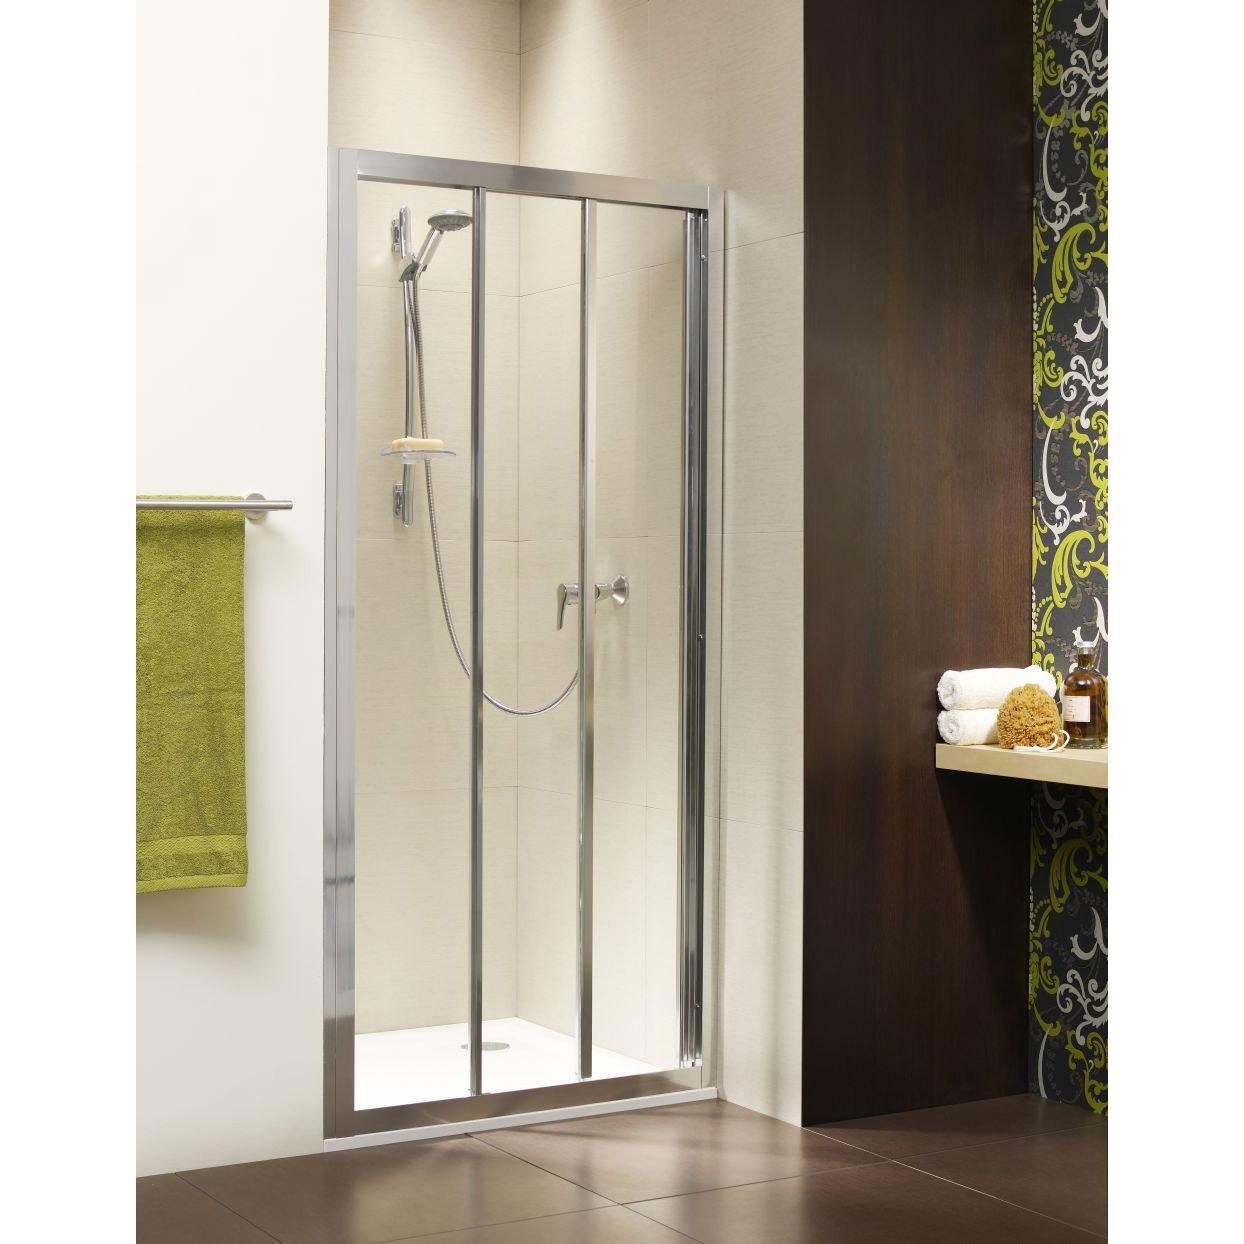 Душевая дверь Radaway Treviso DW 120 хром/коричневое душевая дверь radaway treviso dw 100 хром коричневое